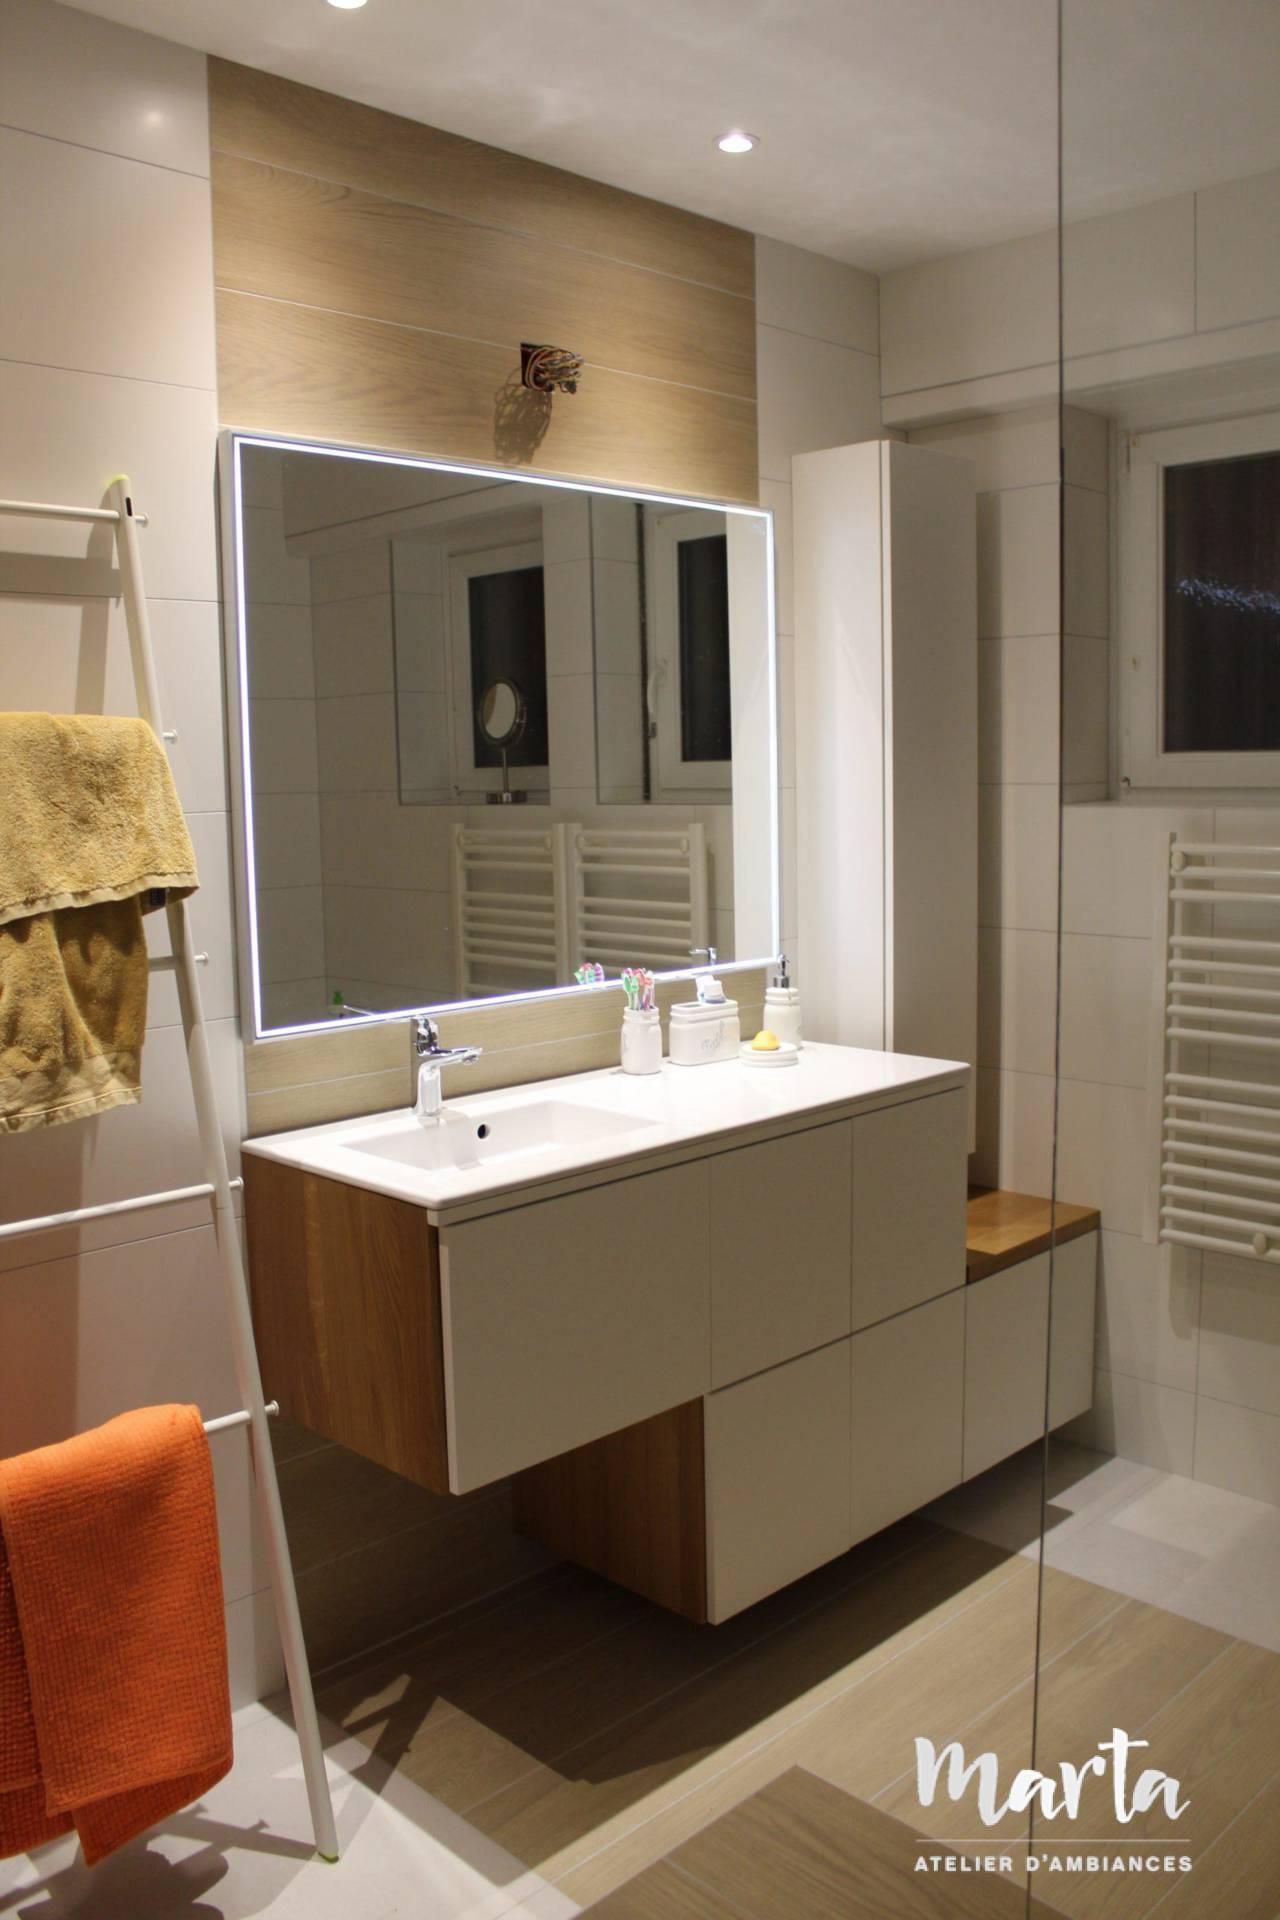 1. Rénovation de salle de bain